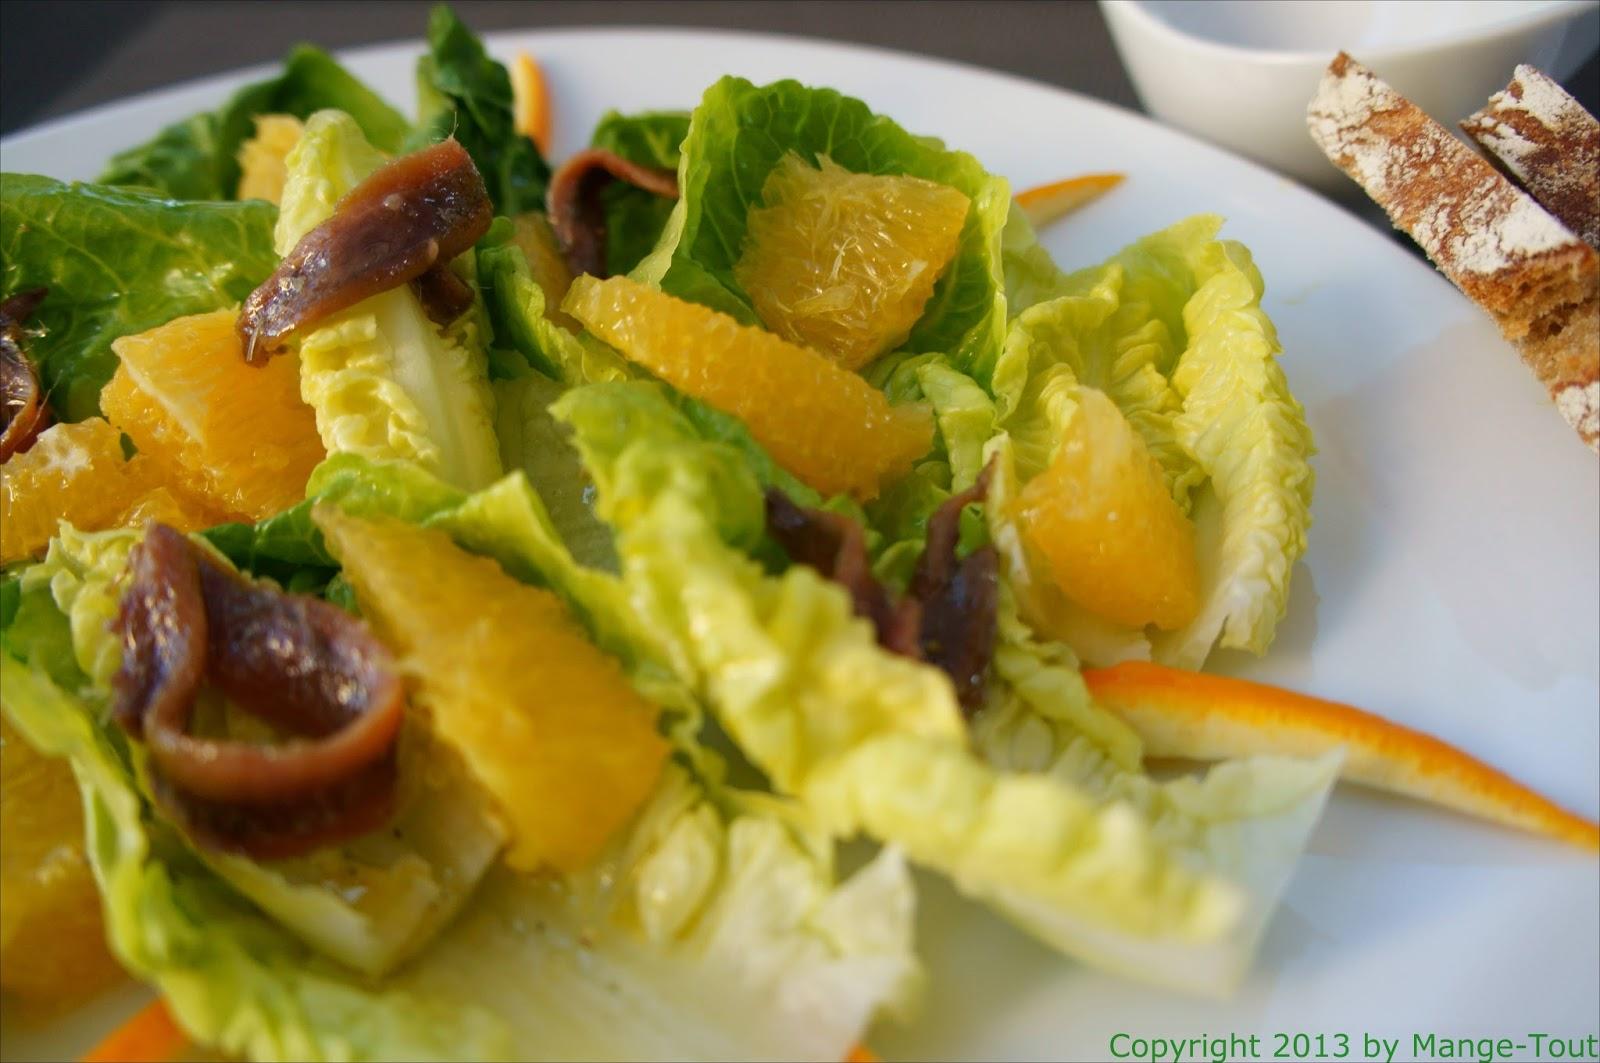 mange tout aber schmegge musses auf den letzten dr cker salat mit sardellen und orangen. Black Bedroom Furniture Sets. Home Design Ideas